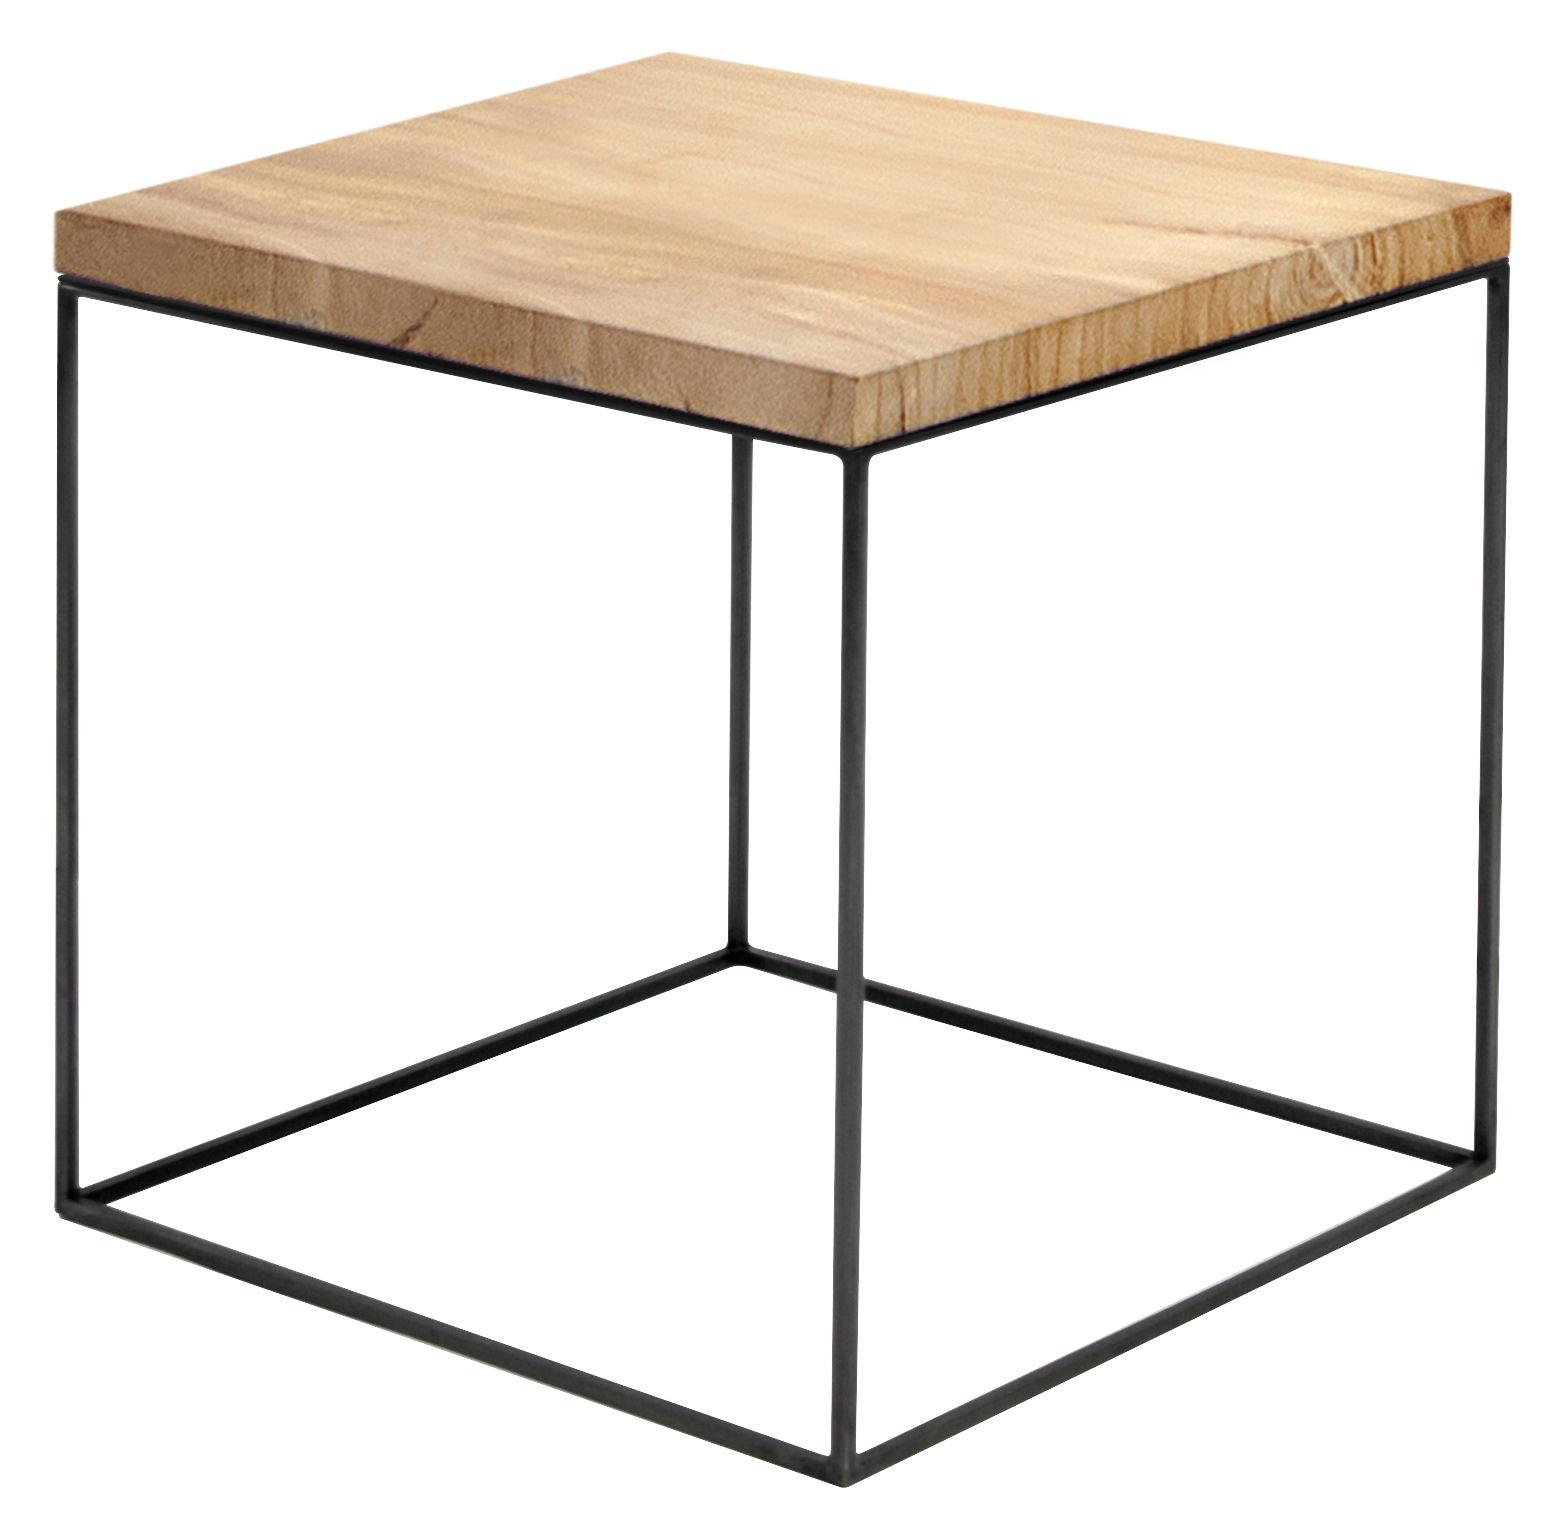 Möbel - Couchtische - Slim Irony Couchtisch / 41 x 41 x H 46 cm - Zeus - Holz natur - Stahl